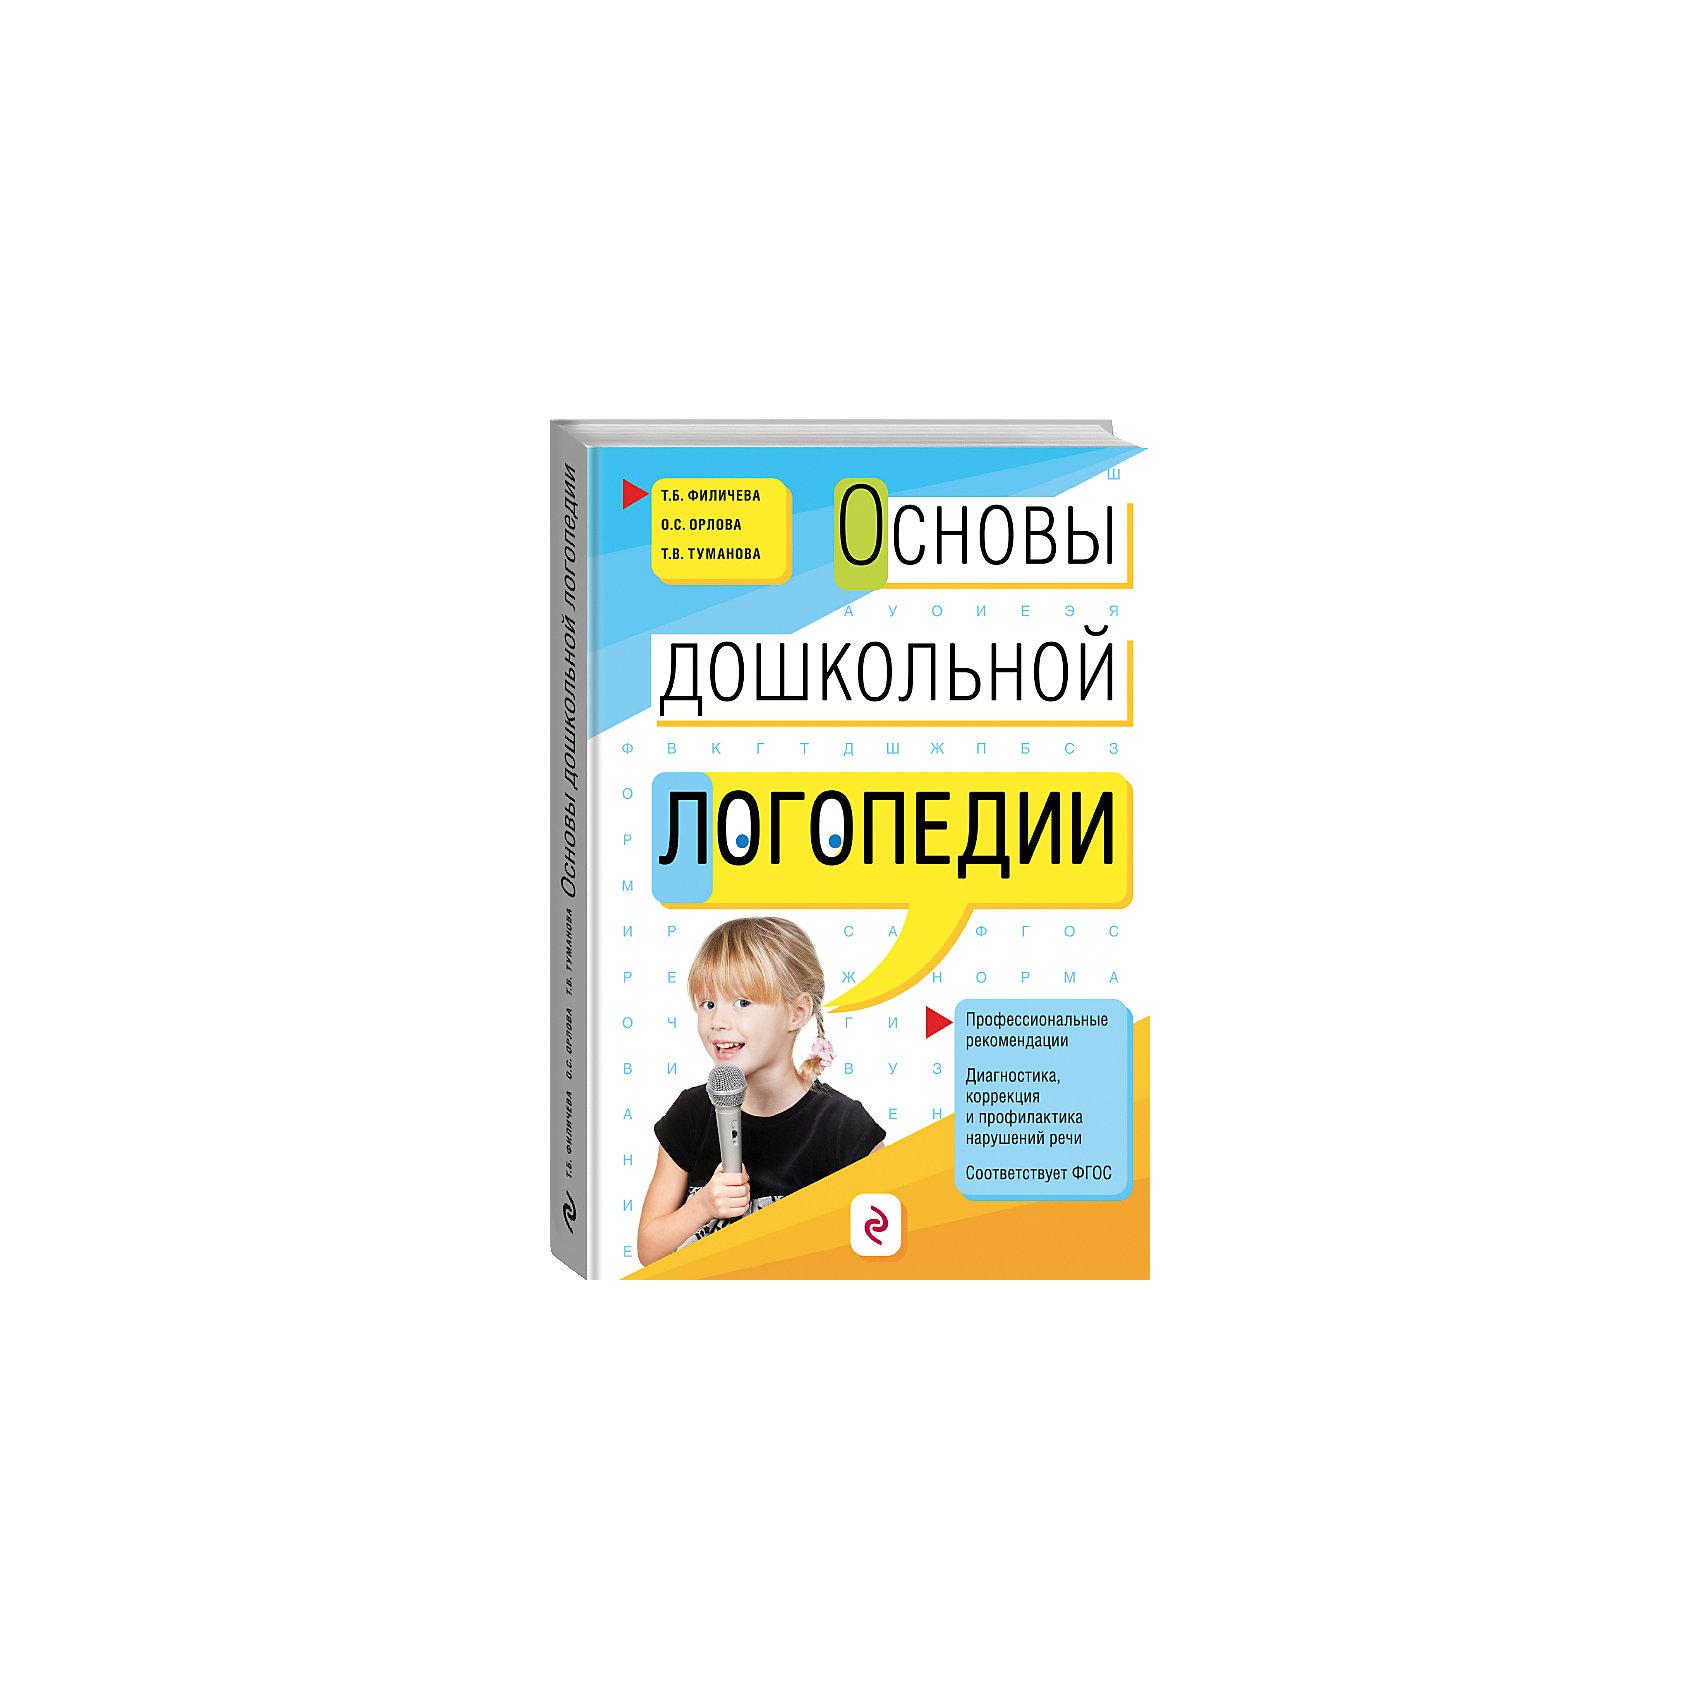 Основы дошкольной логопедииКниги для развития речи<br>Характеристики товара: <br><br>• ISBN: 9785699689729<br>• возраст от: 2 лет<br>• формат: 70x100/16<br>• бумага: офсет<br>• обложка: твердая<br>• серия: Надежда Жукова<br>• издательство: Эксмо<br>• иллюстрации: черно-белые<br>• автор: Филичева Татьяна Борисовна, Туманова Татьяна Володаровна, Орлова Ольга Святославна<br>• количество страниц: 320<br>• размеры: 24x17 см<br><br>Издание «Основы дошкольной логопедии» - это воплощение отлично работающей методики развития речи у детей и конкретные советы.<br><br>Такая книга понадобится родителям, педагогам, логопедам, а также будет полезна студентам профильных специальностей.<br><br>Издание «Основы дошкольной логопедии» можно купить в нашем интернет-магазине.<br><br>Ширина мм: 235<br>Глубина мм: 162<br>Высота мм: 200<br>Вес г: 667<br>Возраст от месяцев: 60<br>Возраст до месяцев: 2147483647<br>Пол: Унисекс<br>Возраст: Детский<br>SKU: 5535361